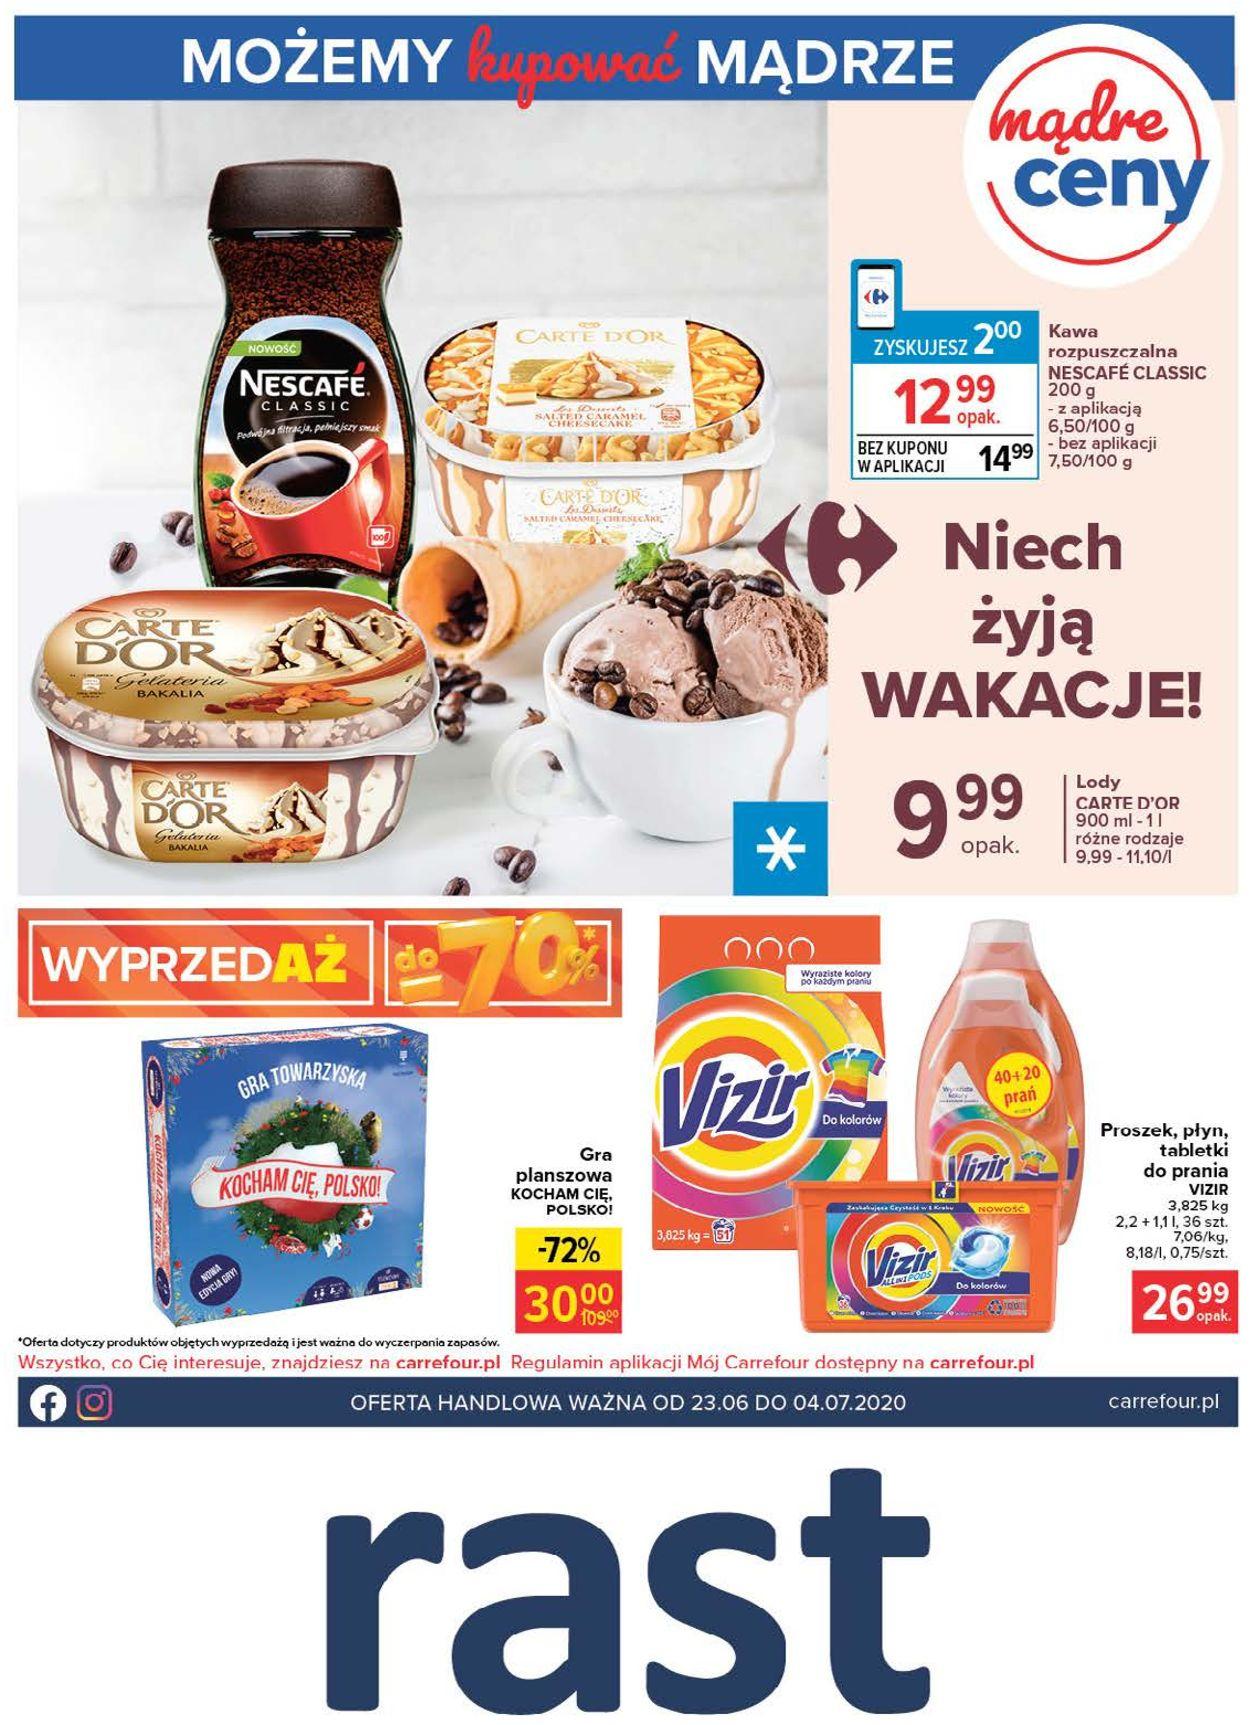 Gazetka promocyjna Carrefour - 23.06-04.07.2020